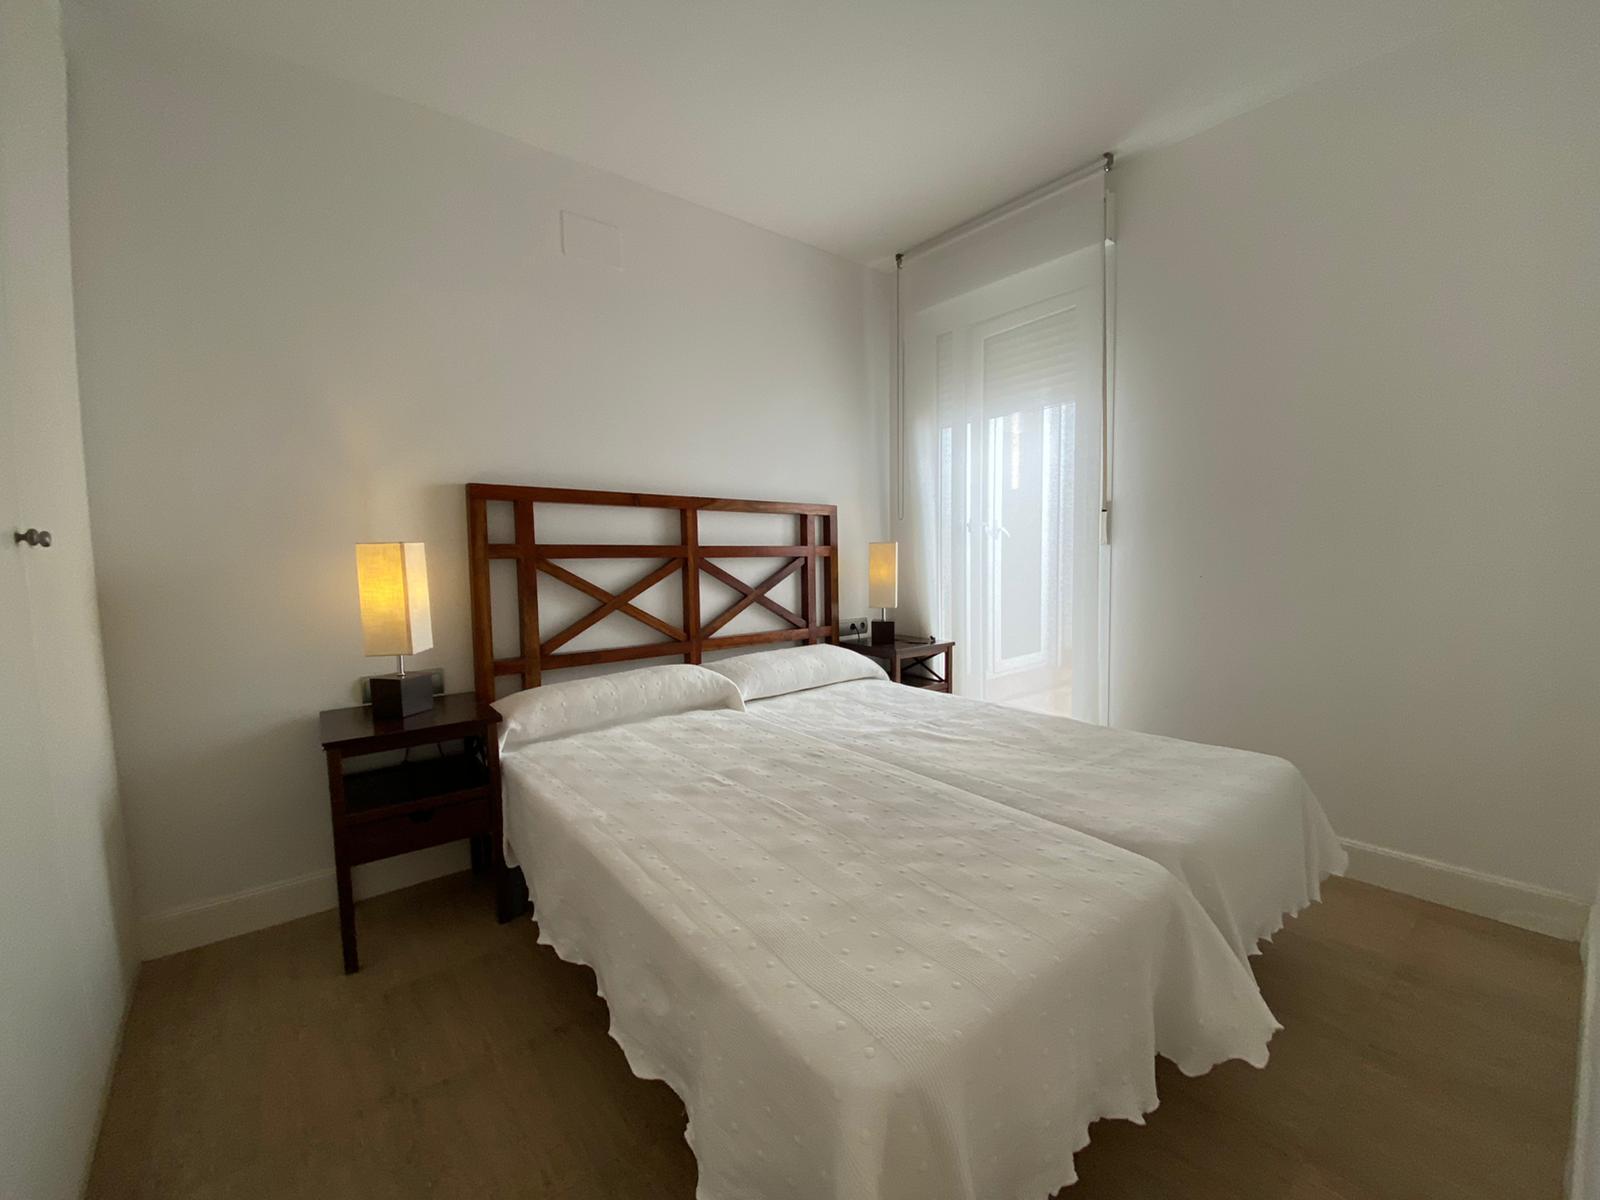 Imagen 28 del Apartamento Turístico, Ático 6 Poniente (3d+2b), Punta del Moral (HUELVA), Paseo de la Cruz nº22